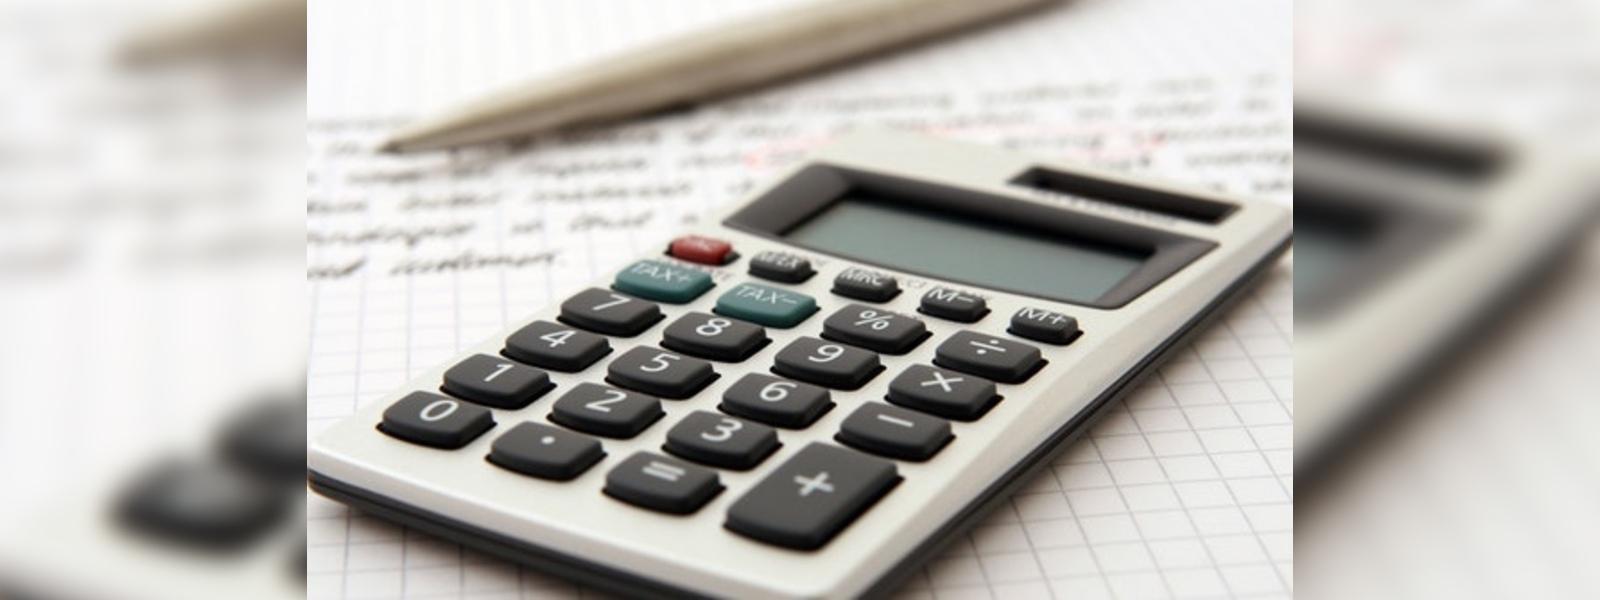 A/L විභාගයේදී Calculator භාවිත කිරීමට අවසර